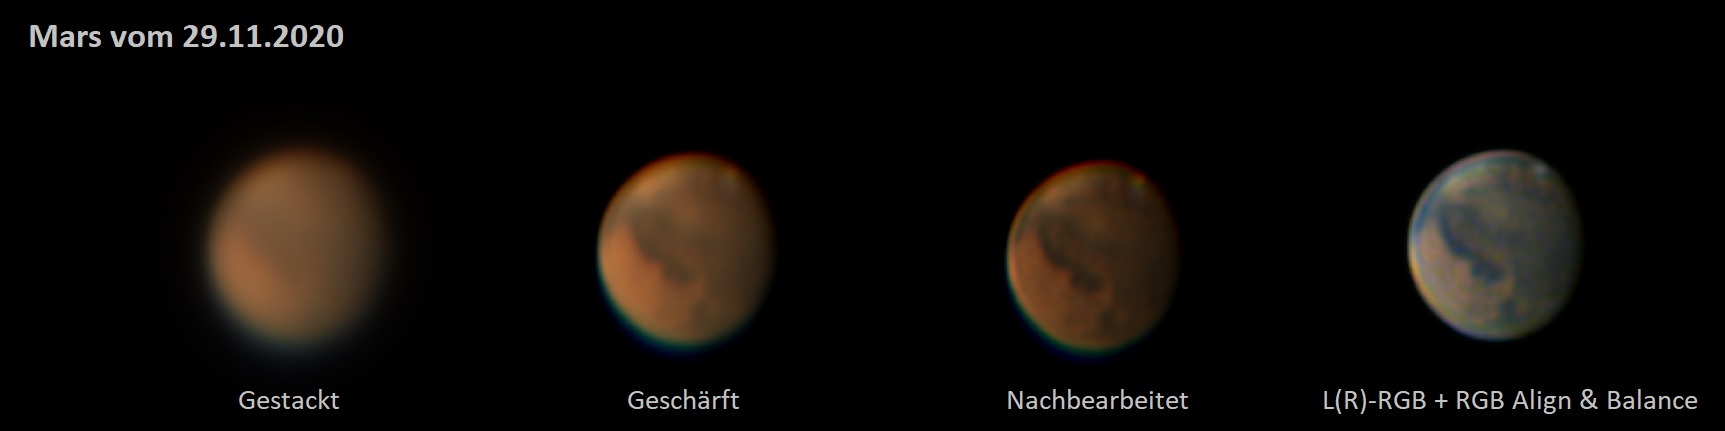 Mars_RGBAlign